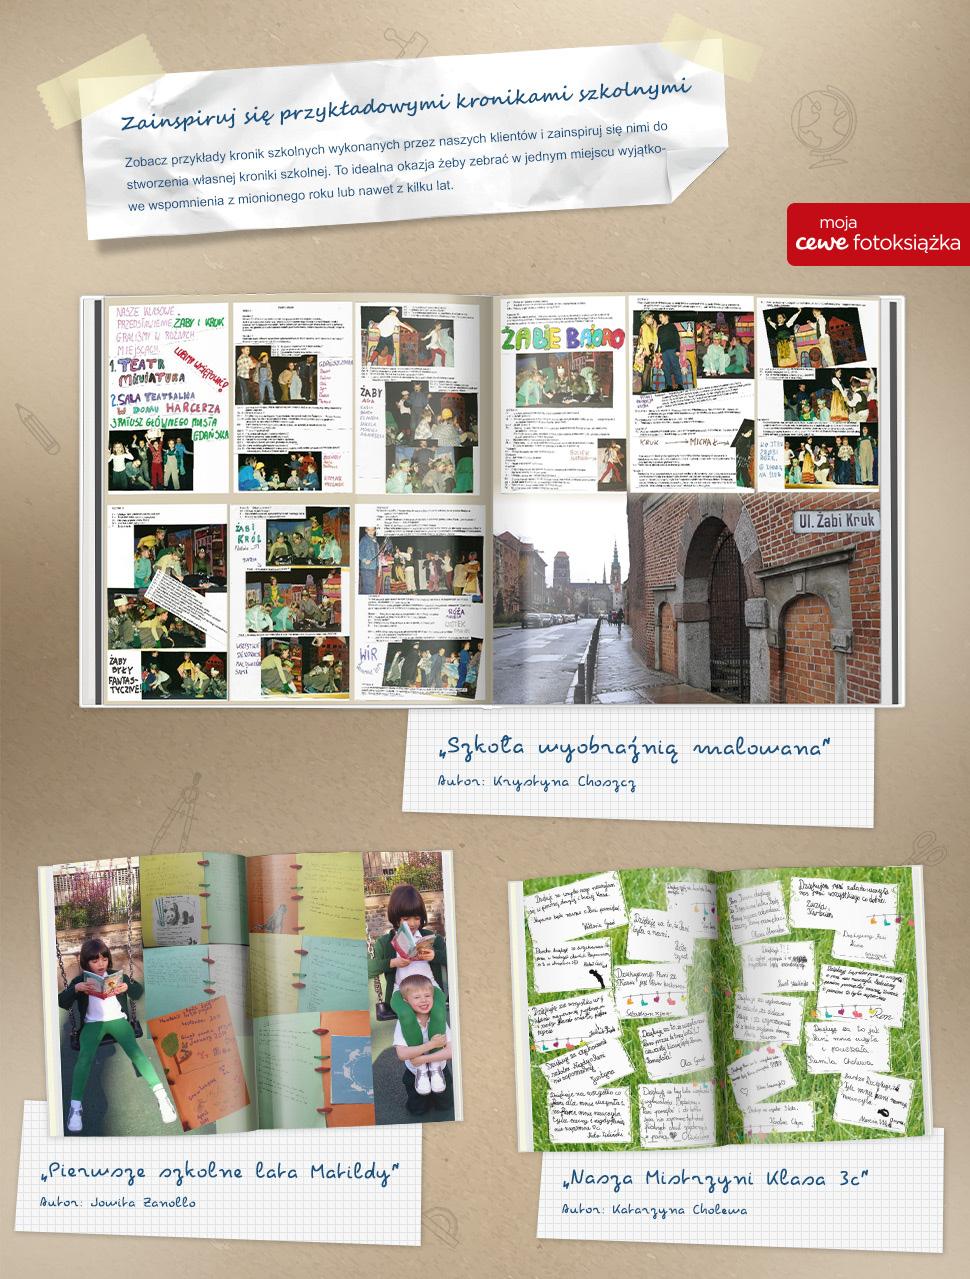 Kronika Szkolna - zainspiruj się przkładowymi kronikami szkolnymi